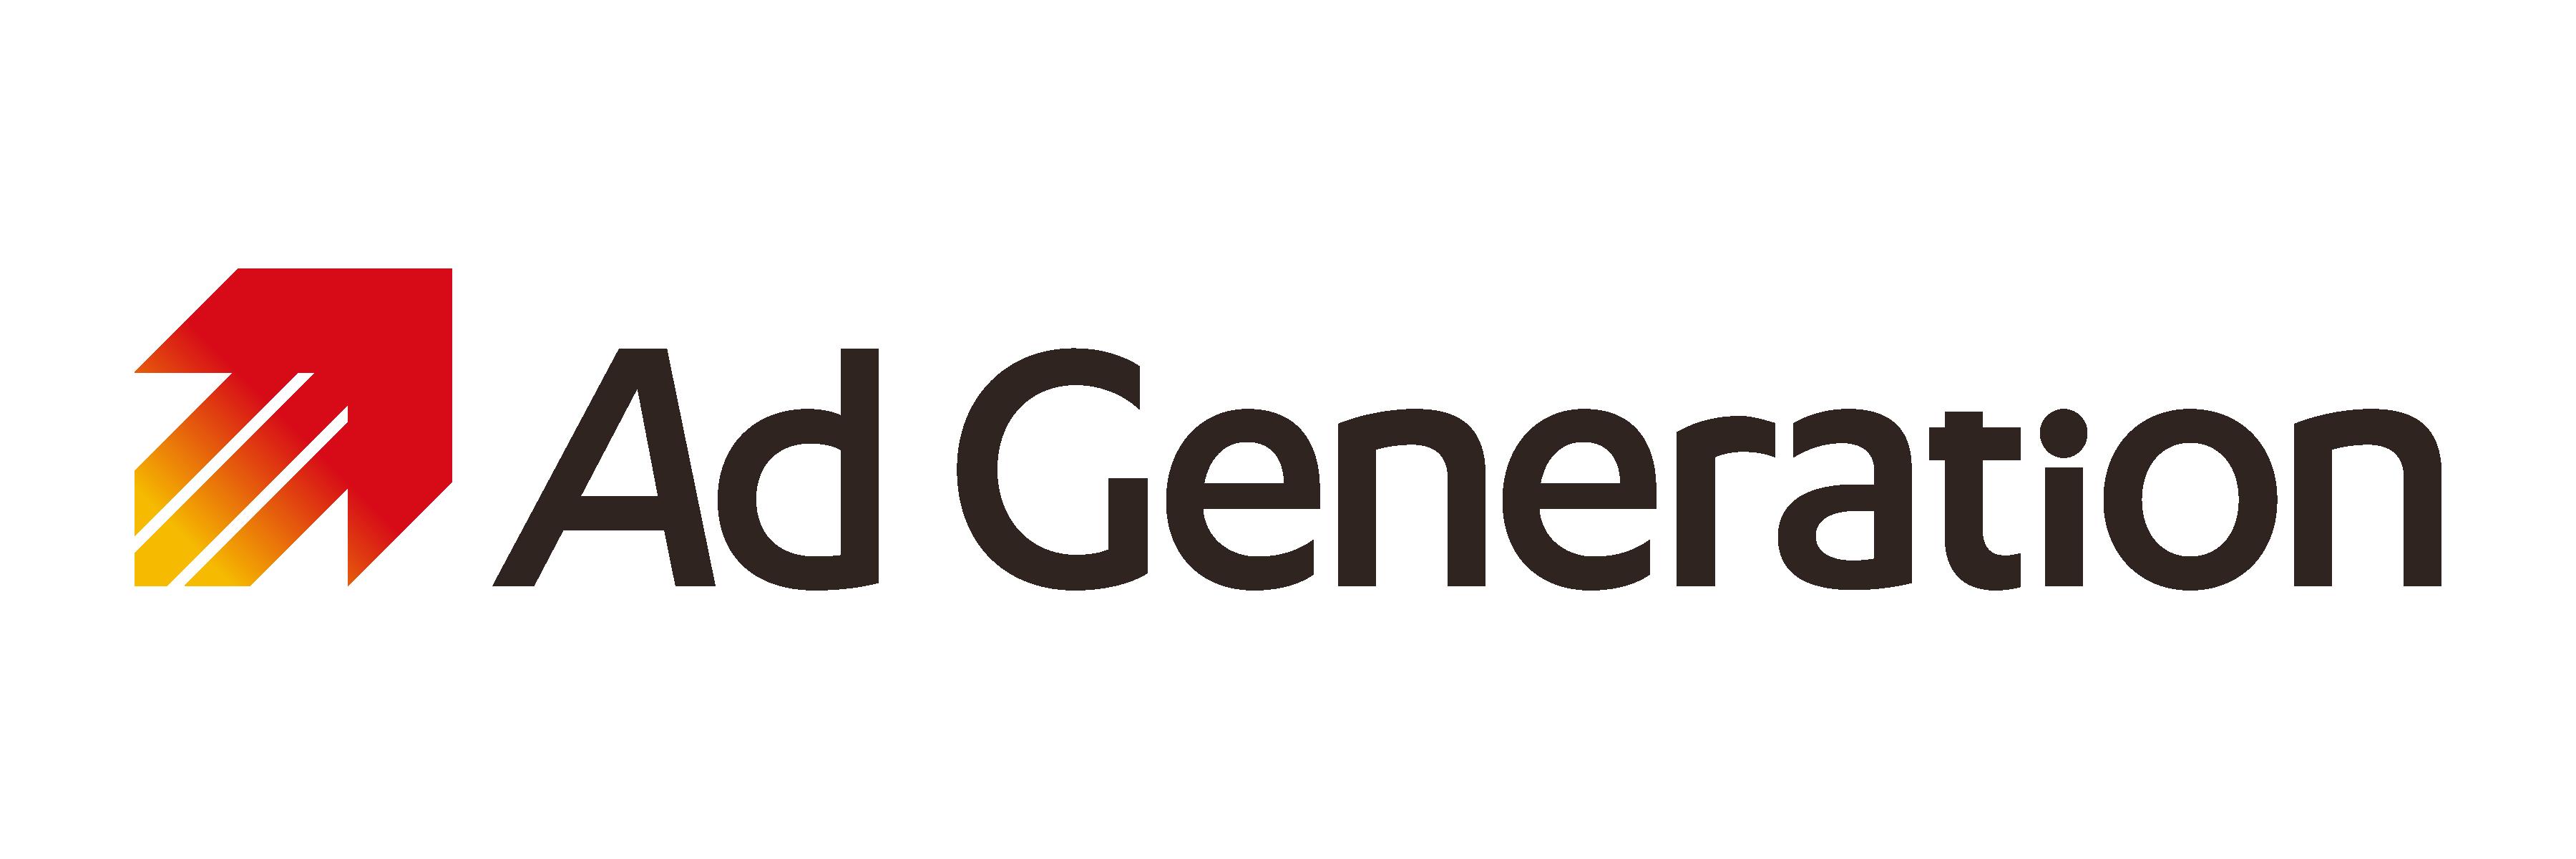 Ad Generation